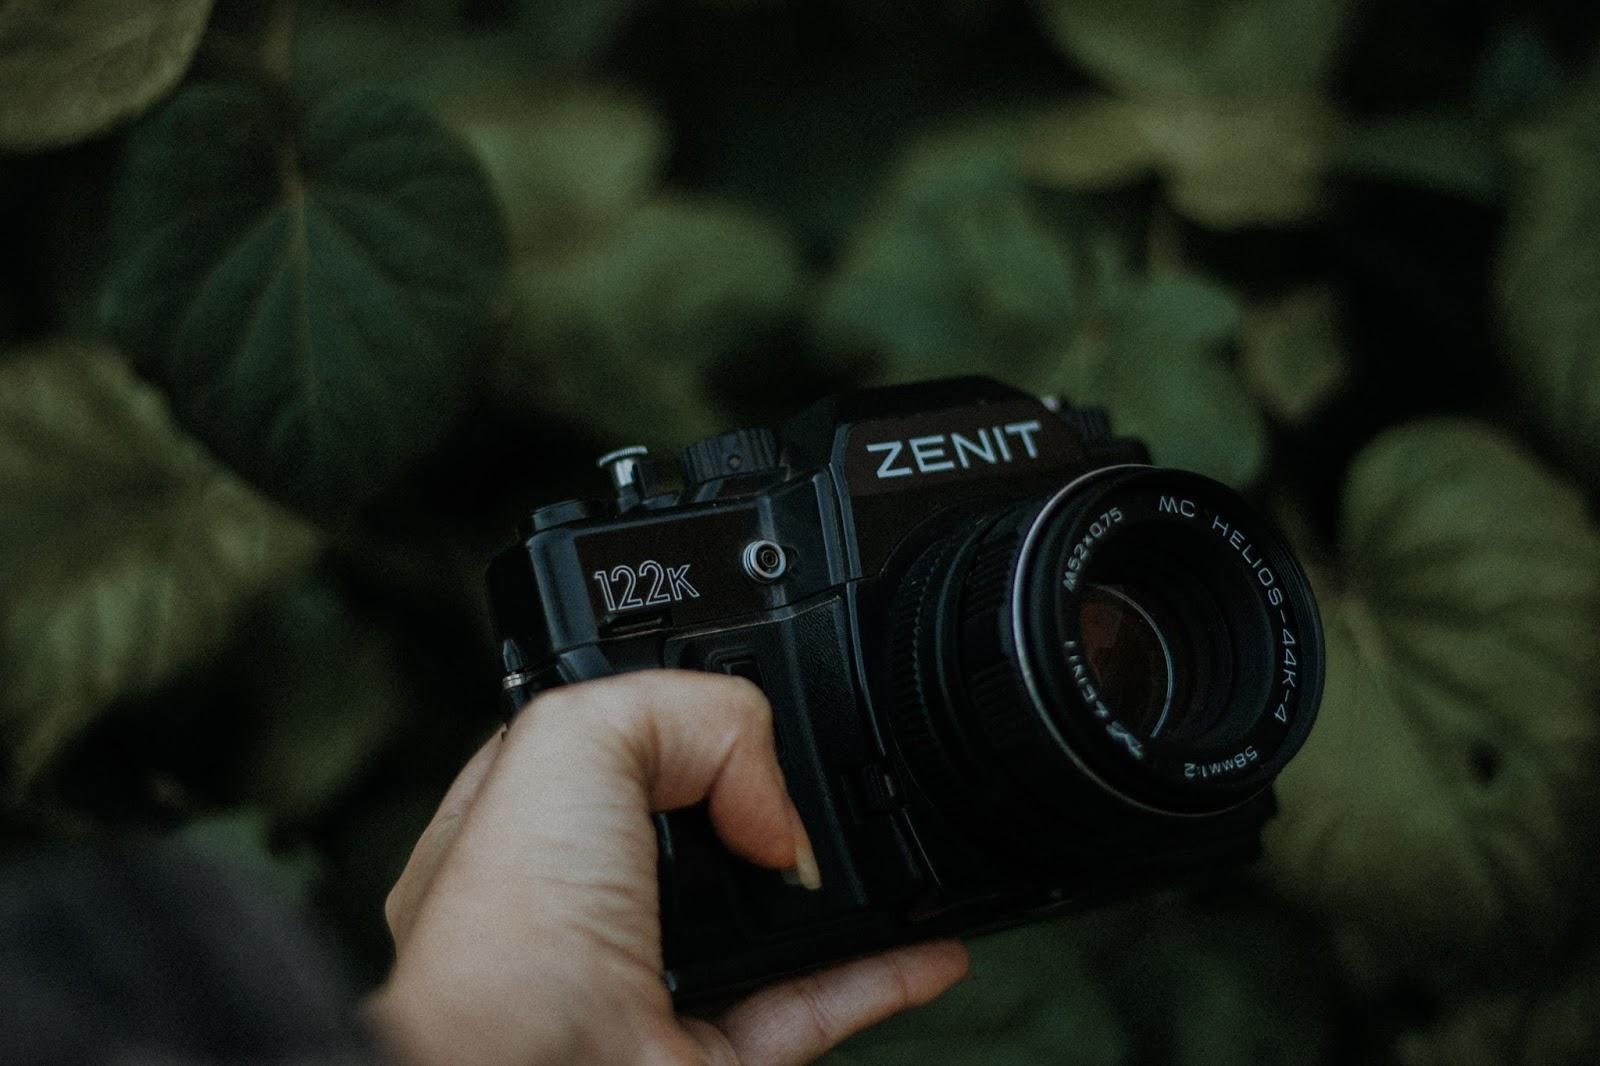 Comprei: Zenit 122. A Zenit 122 tem um fotômetro TTL que funciona por bateria. Esse fotômetro é feito por umas luzinhas que acendem no visor para indicar se a fotometria está errada ou certa.  Mas, eu não testei ainda se está funcionando. Eu tenho um medo que mesmo com a bateria nova, o fotometro não seja confiável. É que pelas câmeras serem antigas na maioria das vezes o fotometro não está com a regulação certa.